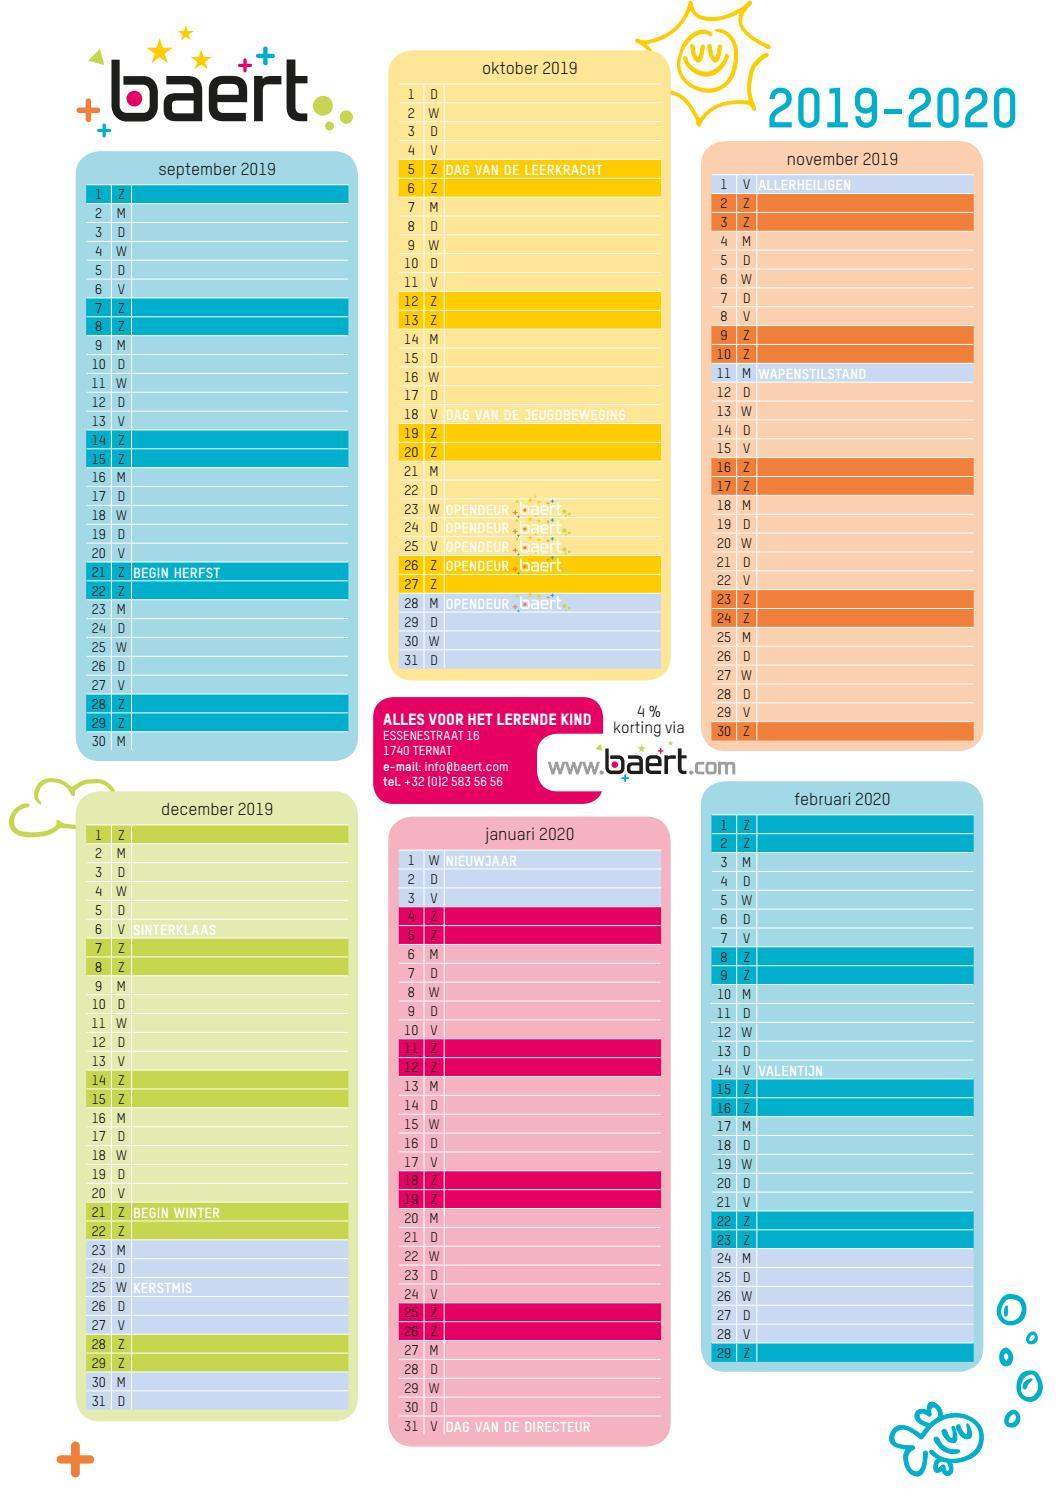 kalender 2019 2020 by baert issuu. Black Bedroom Furniture Sets. Home Design Ideas